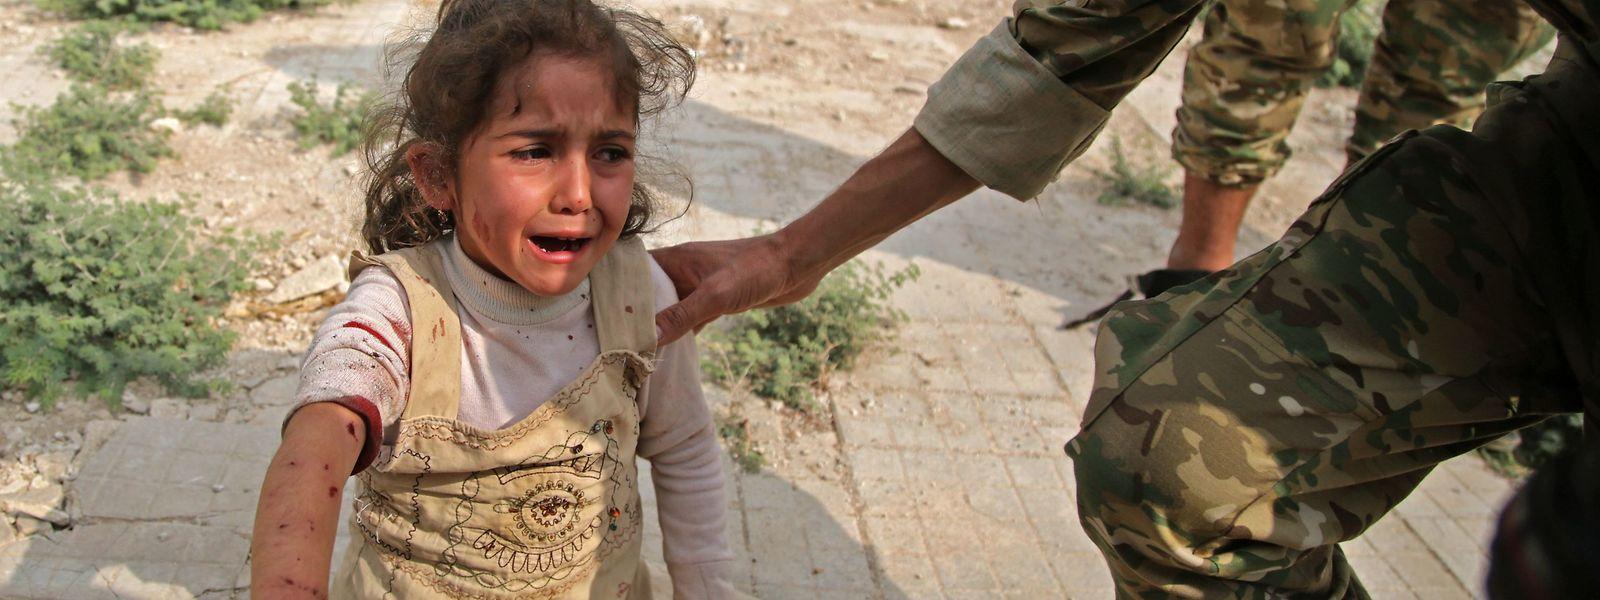 Mindestens 165.000 Menschen sollen durch die Kämpfe vertrieben worden sein, darunter schätzungsweise 70.000 Kinder.